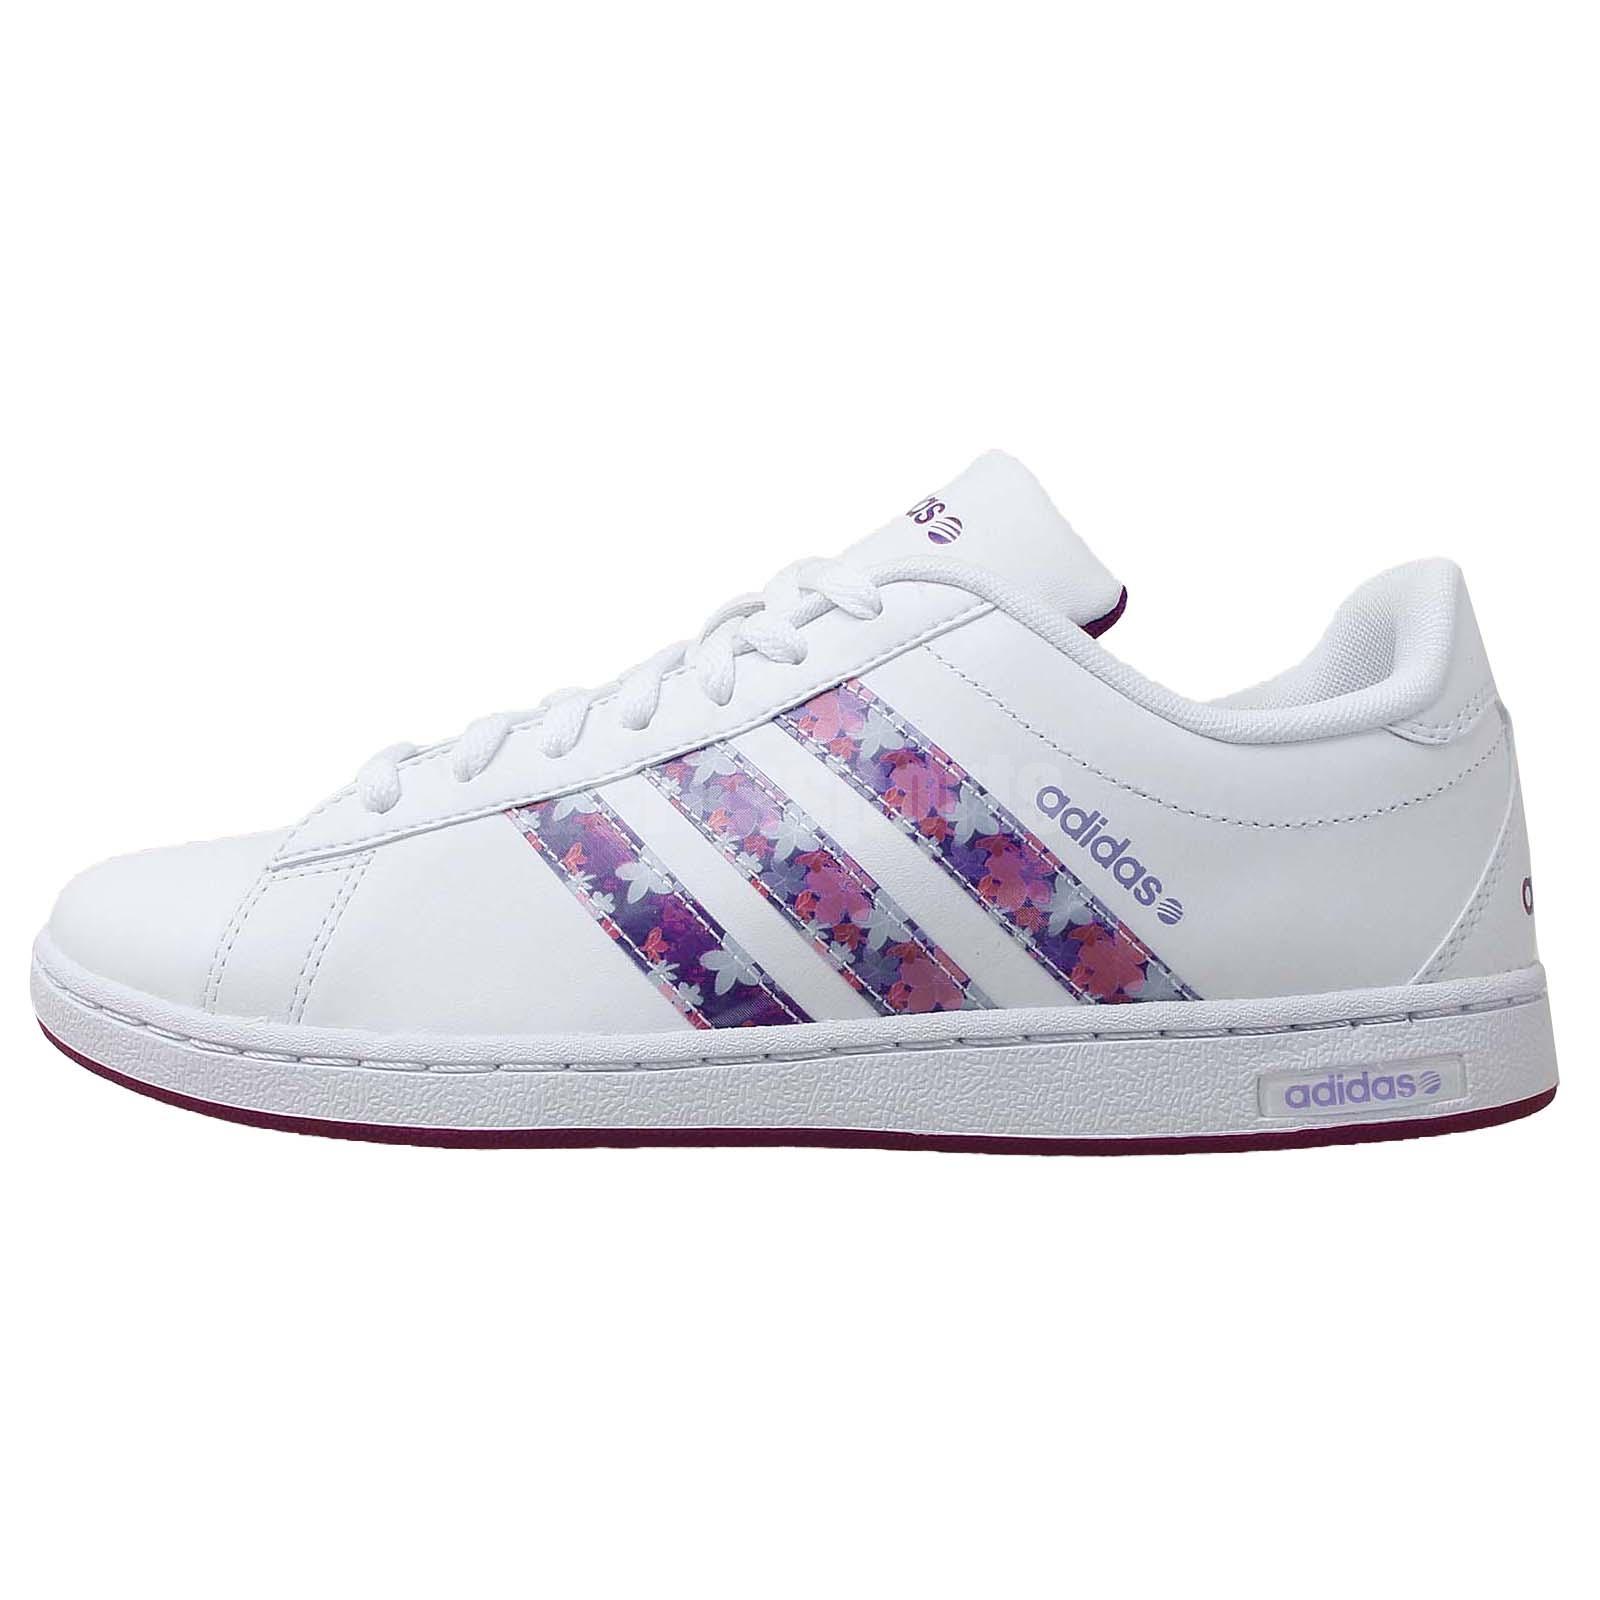 Adidas neo - etichetta derby w damenn scarpe q26257